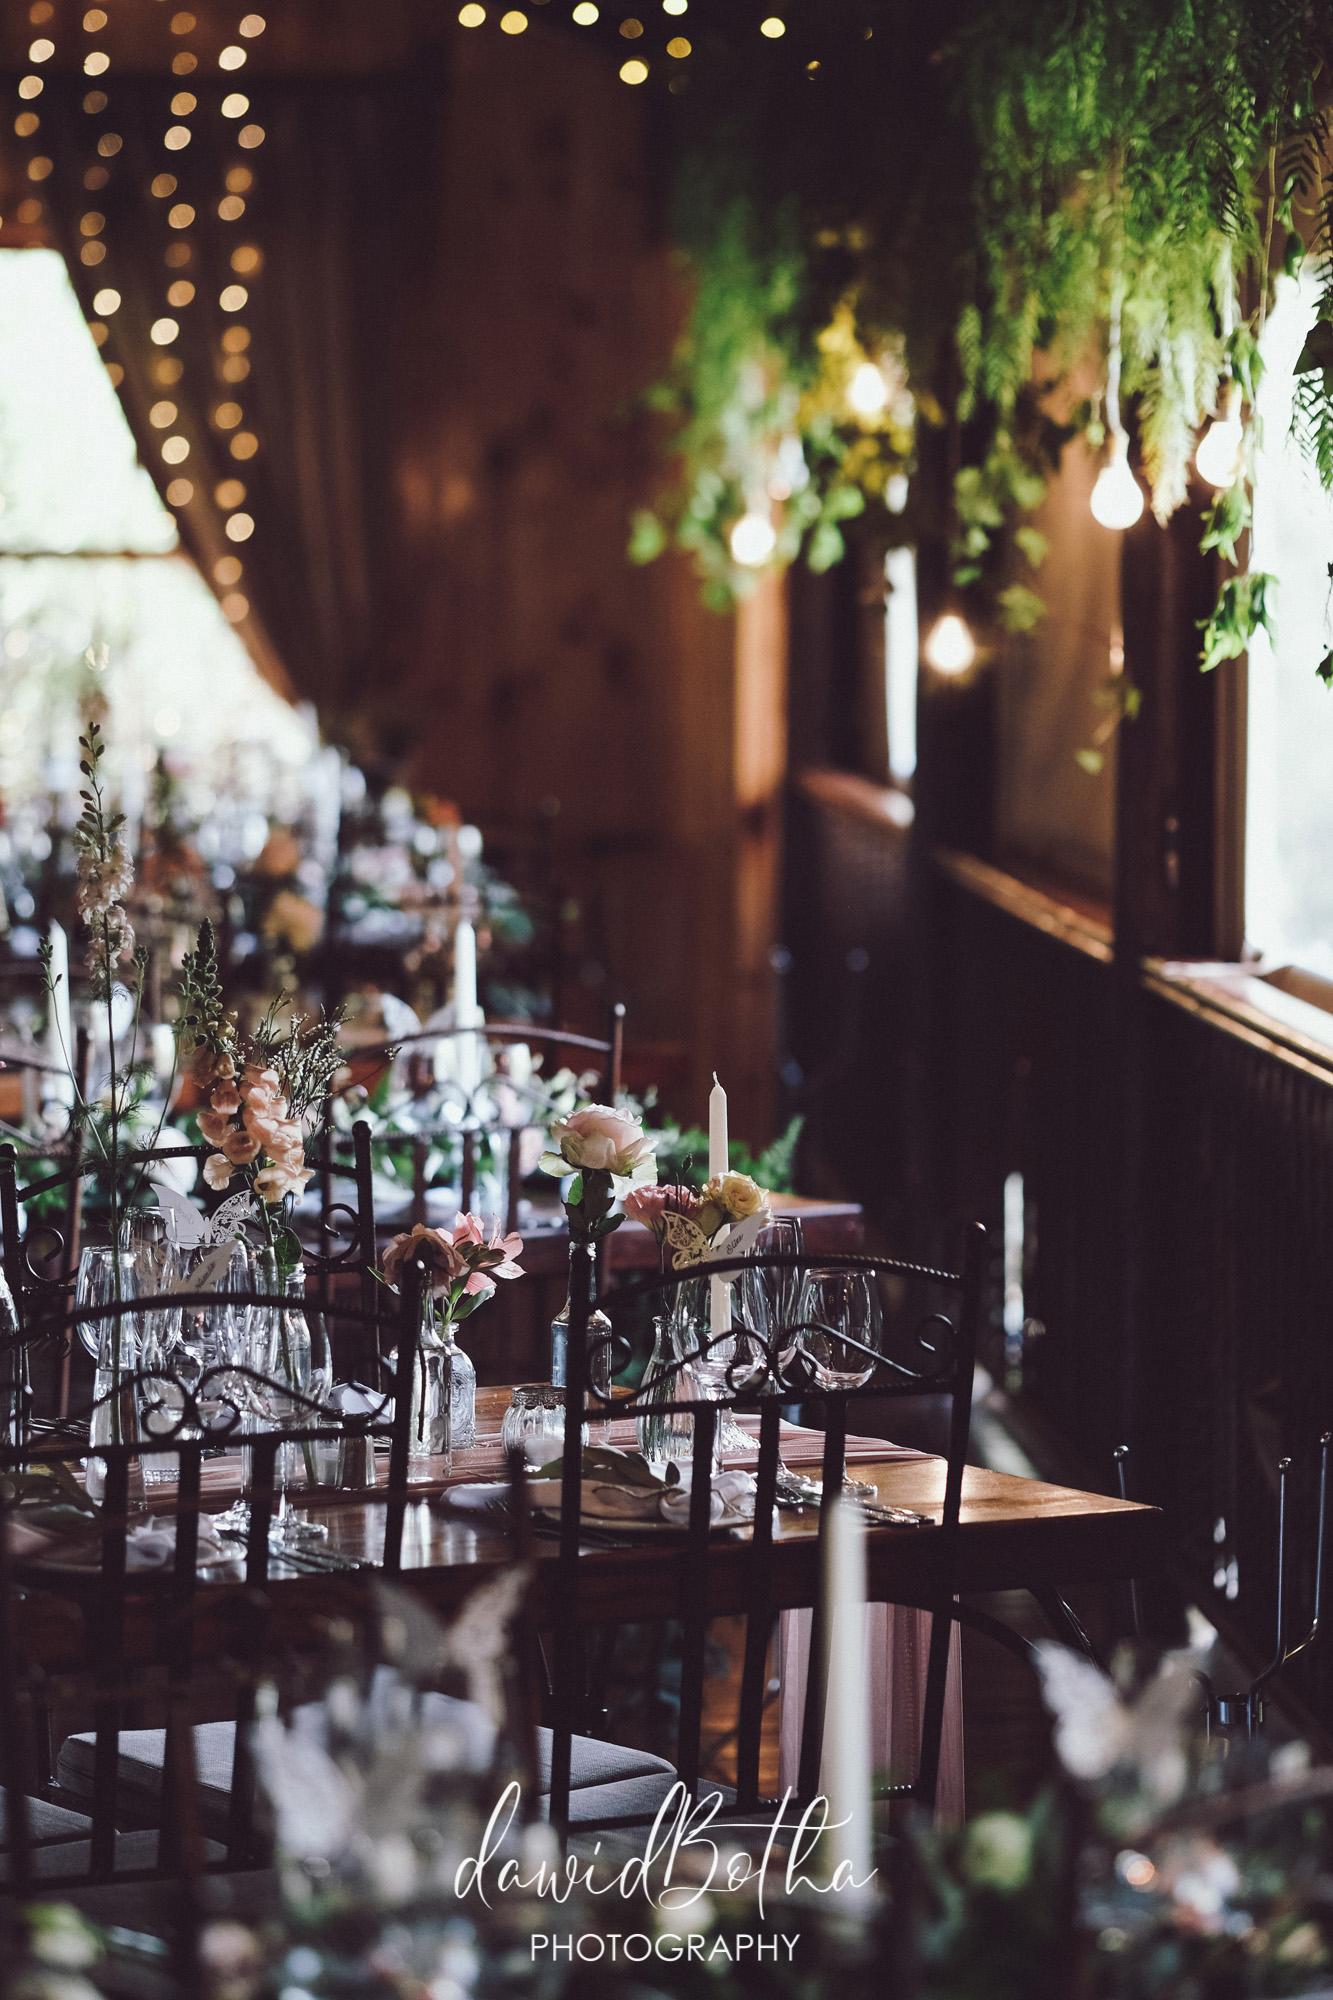 Wedding Decor-20.jpg